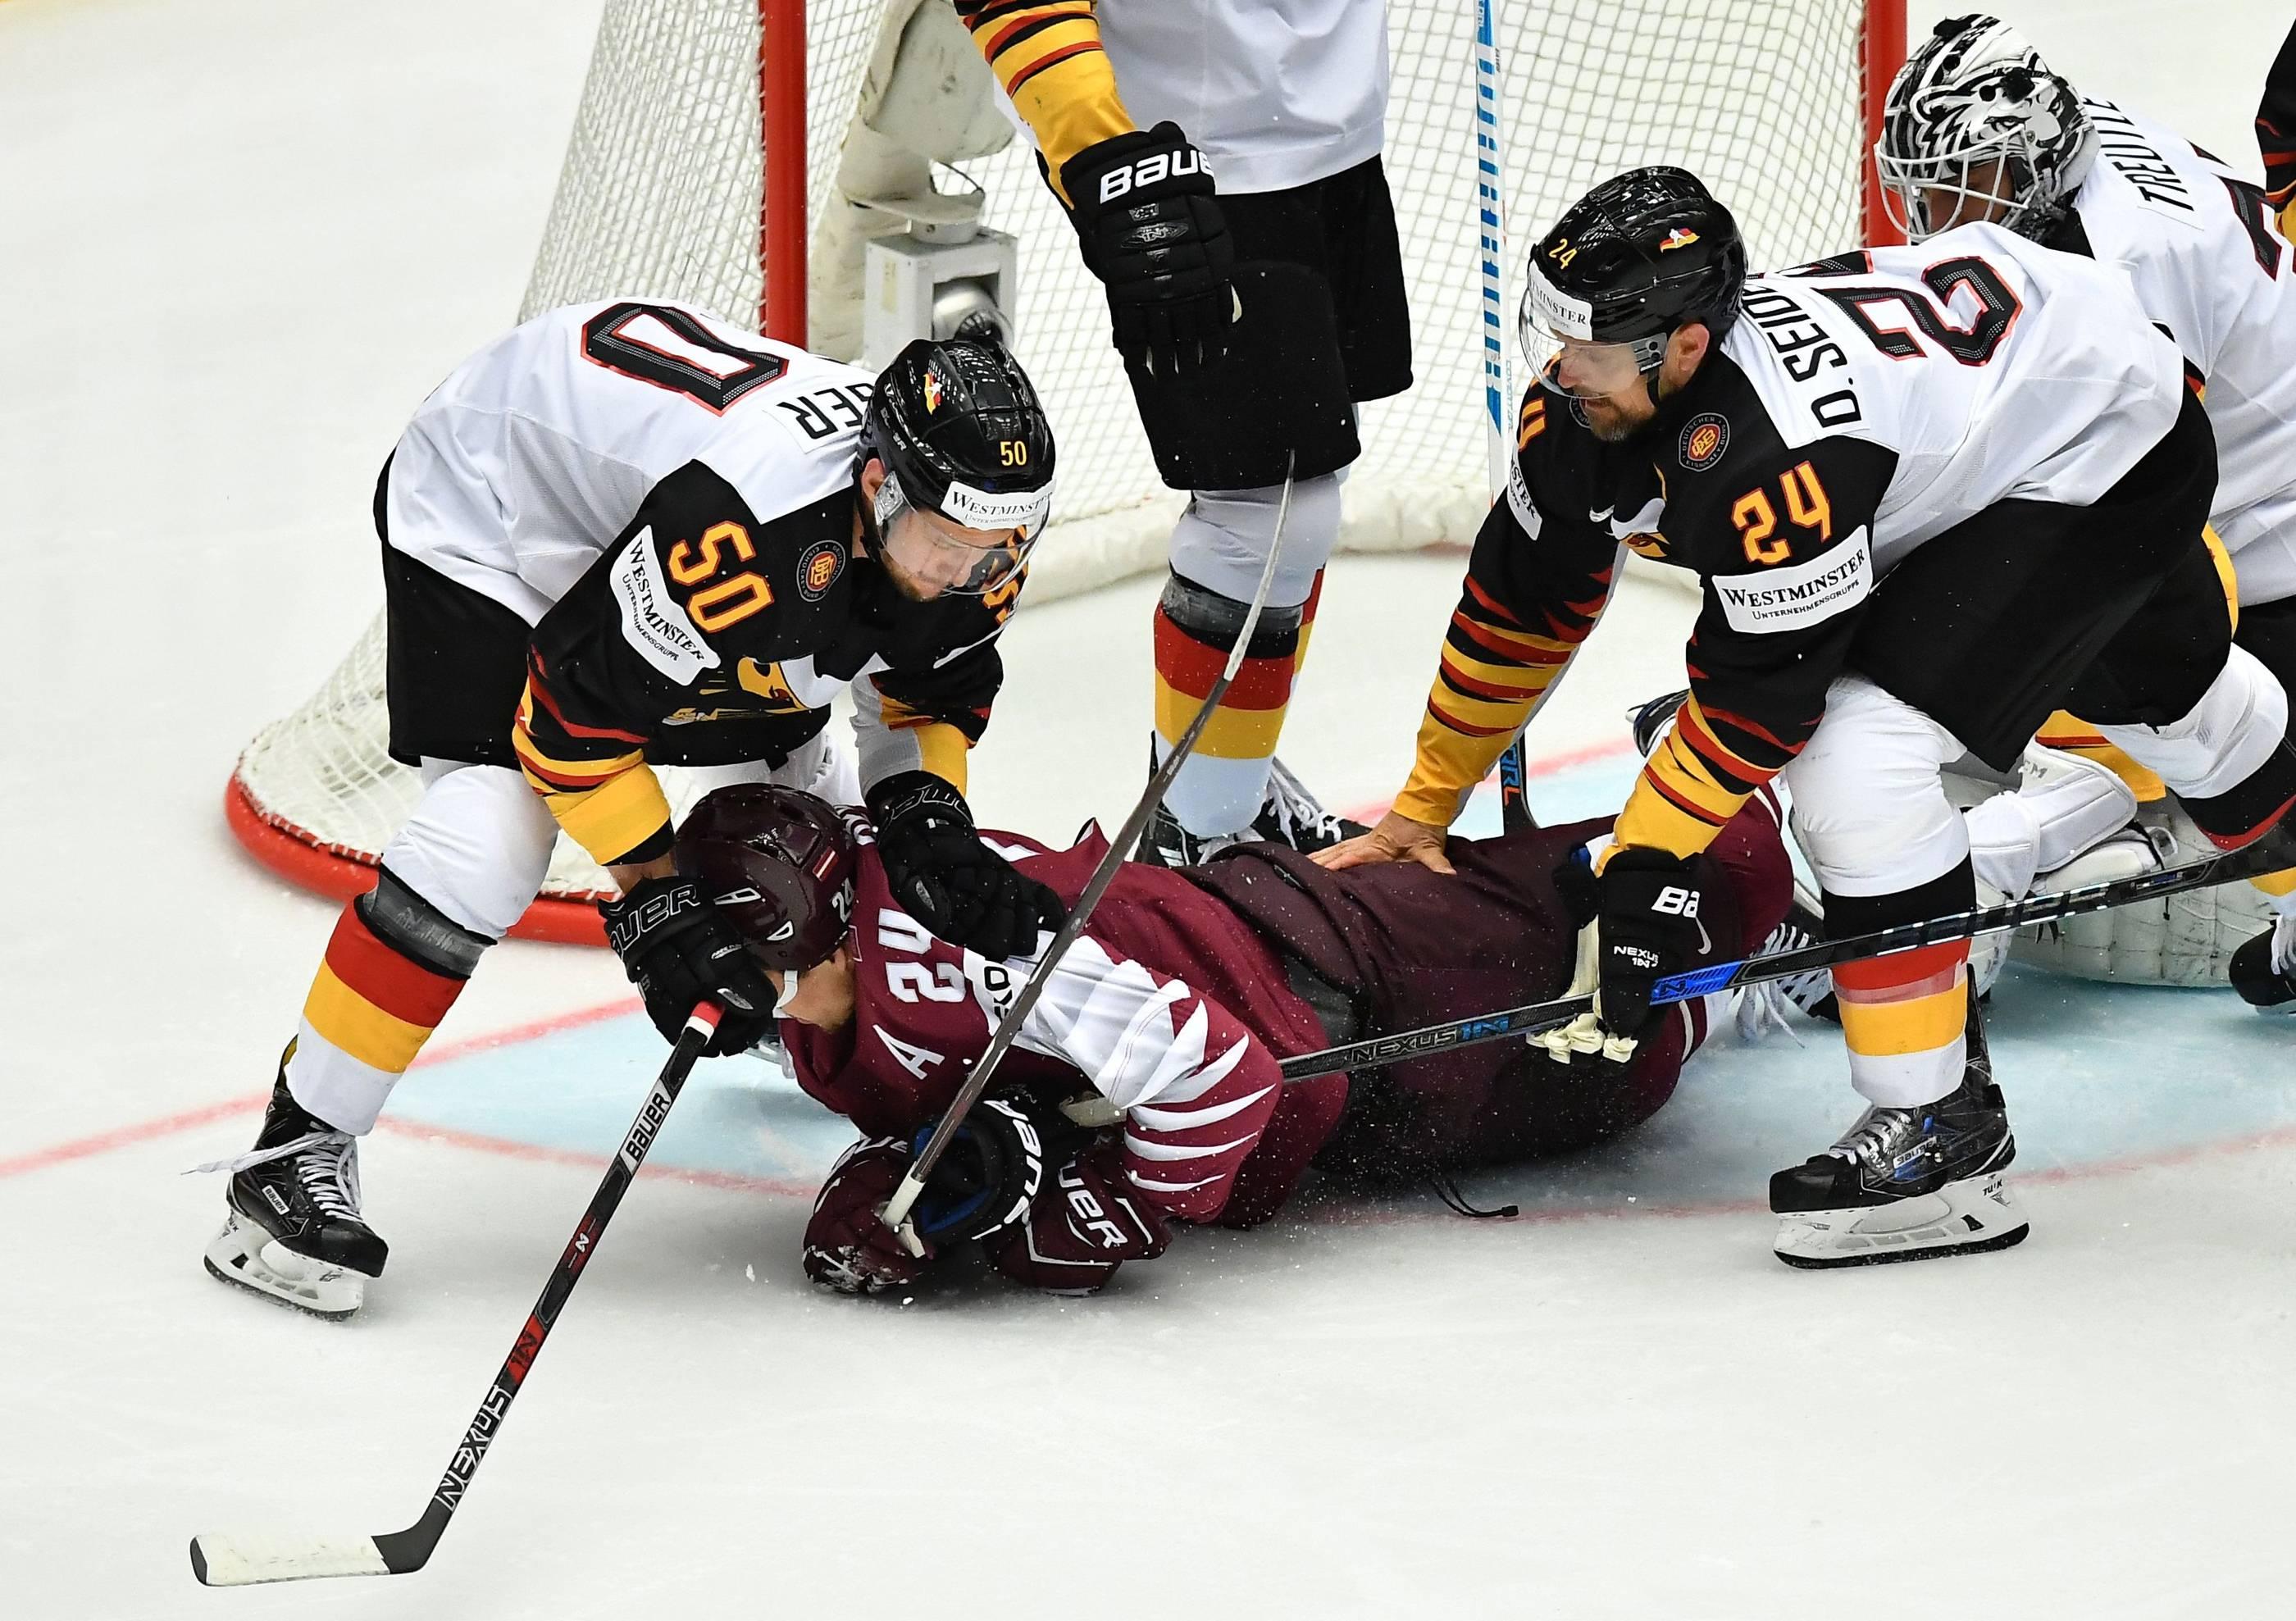 Tabelle Wm Eishockey